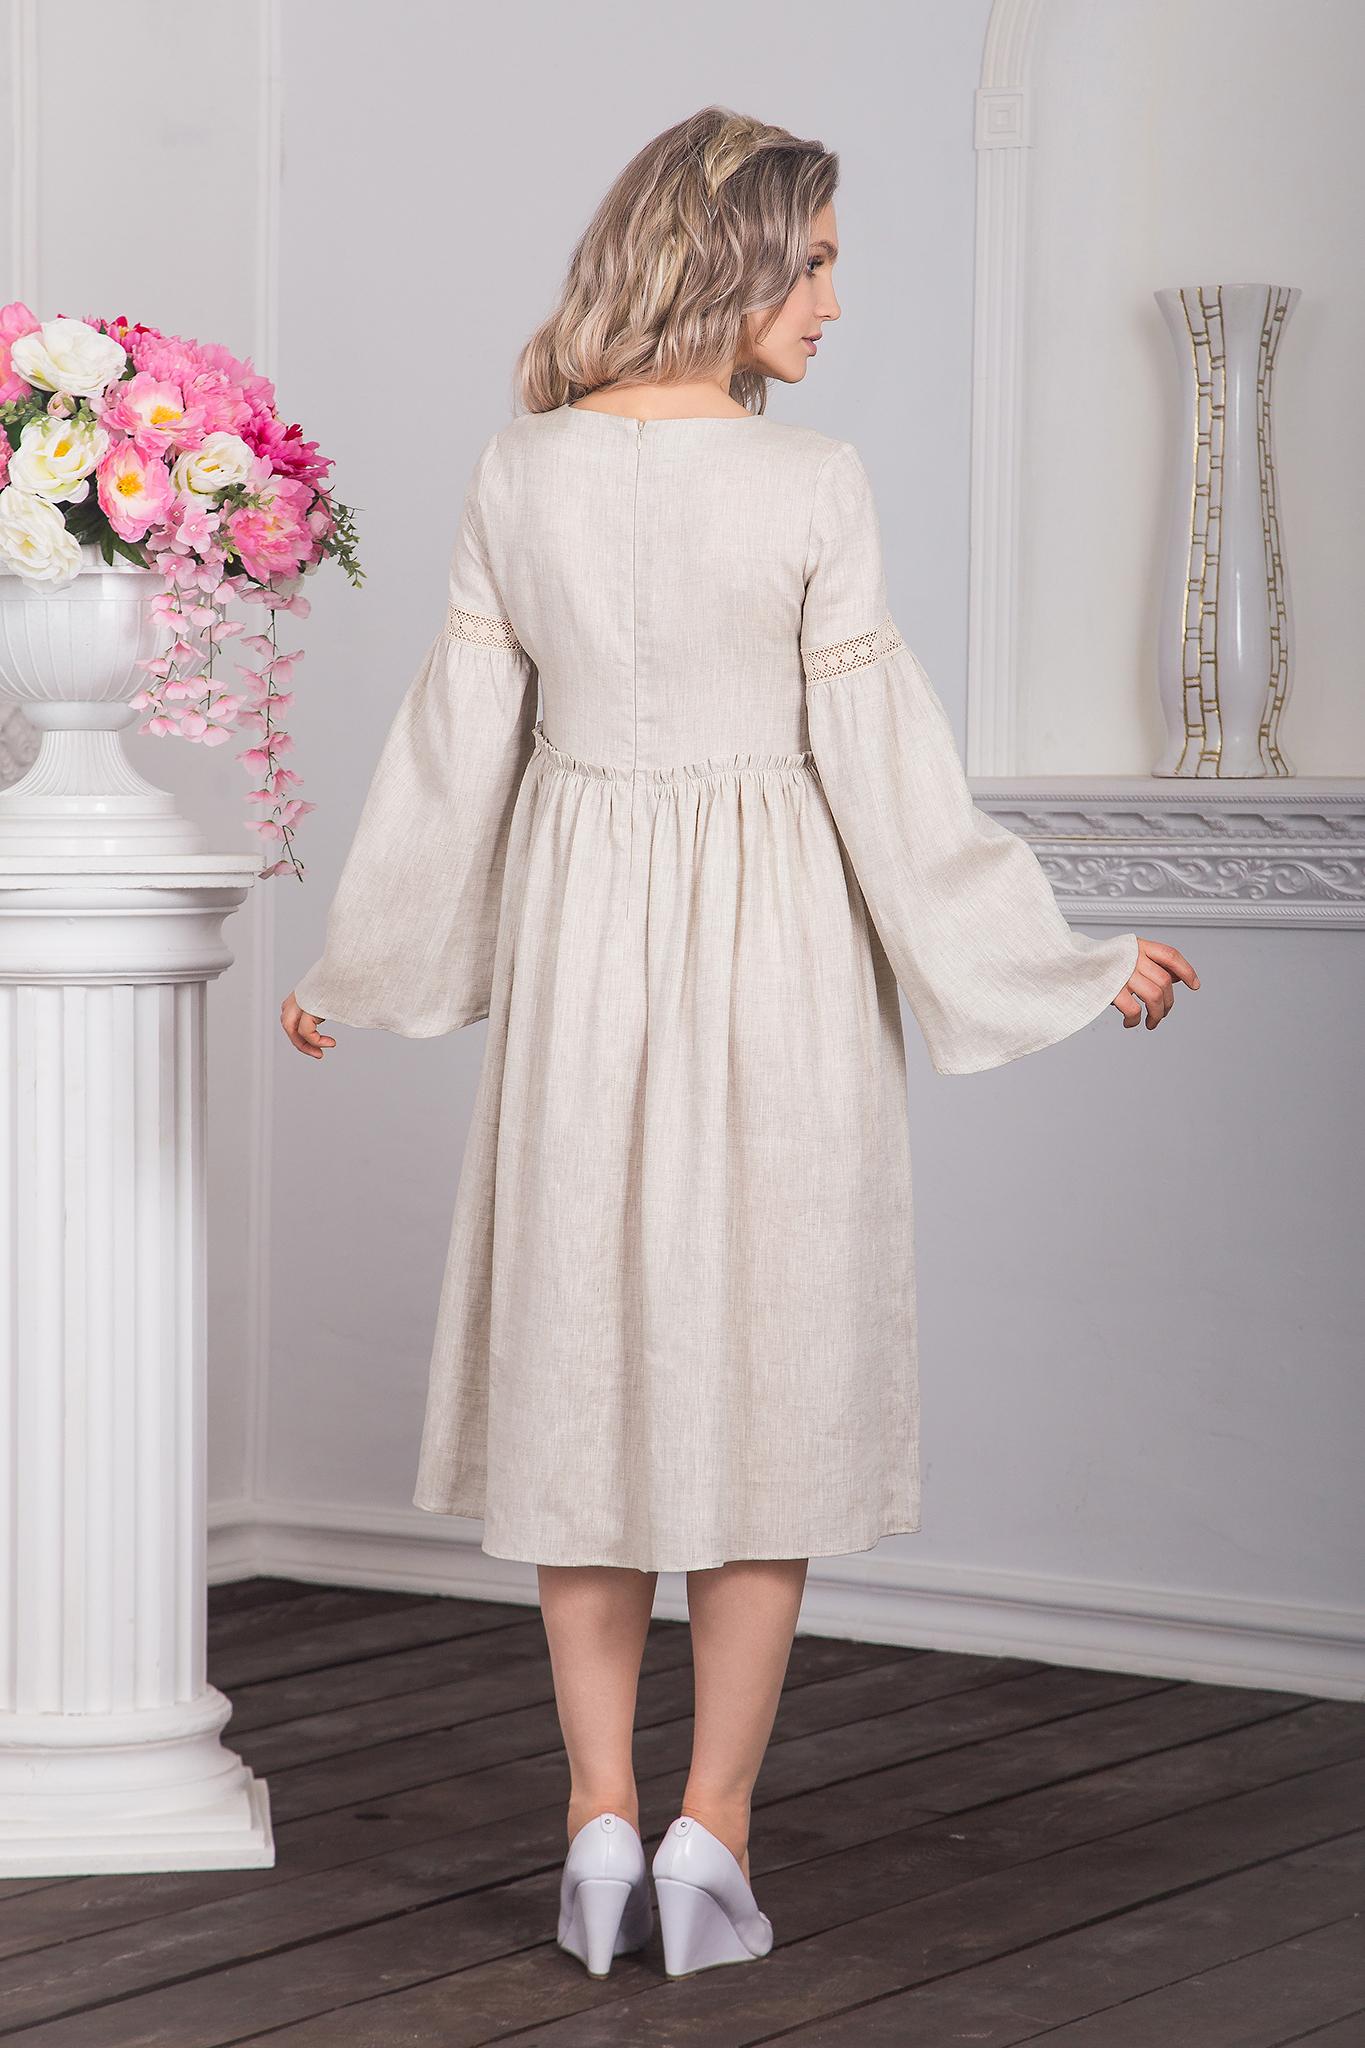 Интернет-магазин Иванка, платья в русском стиле